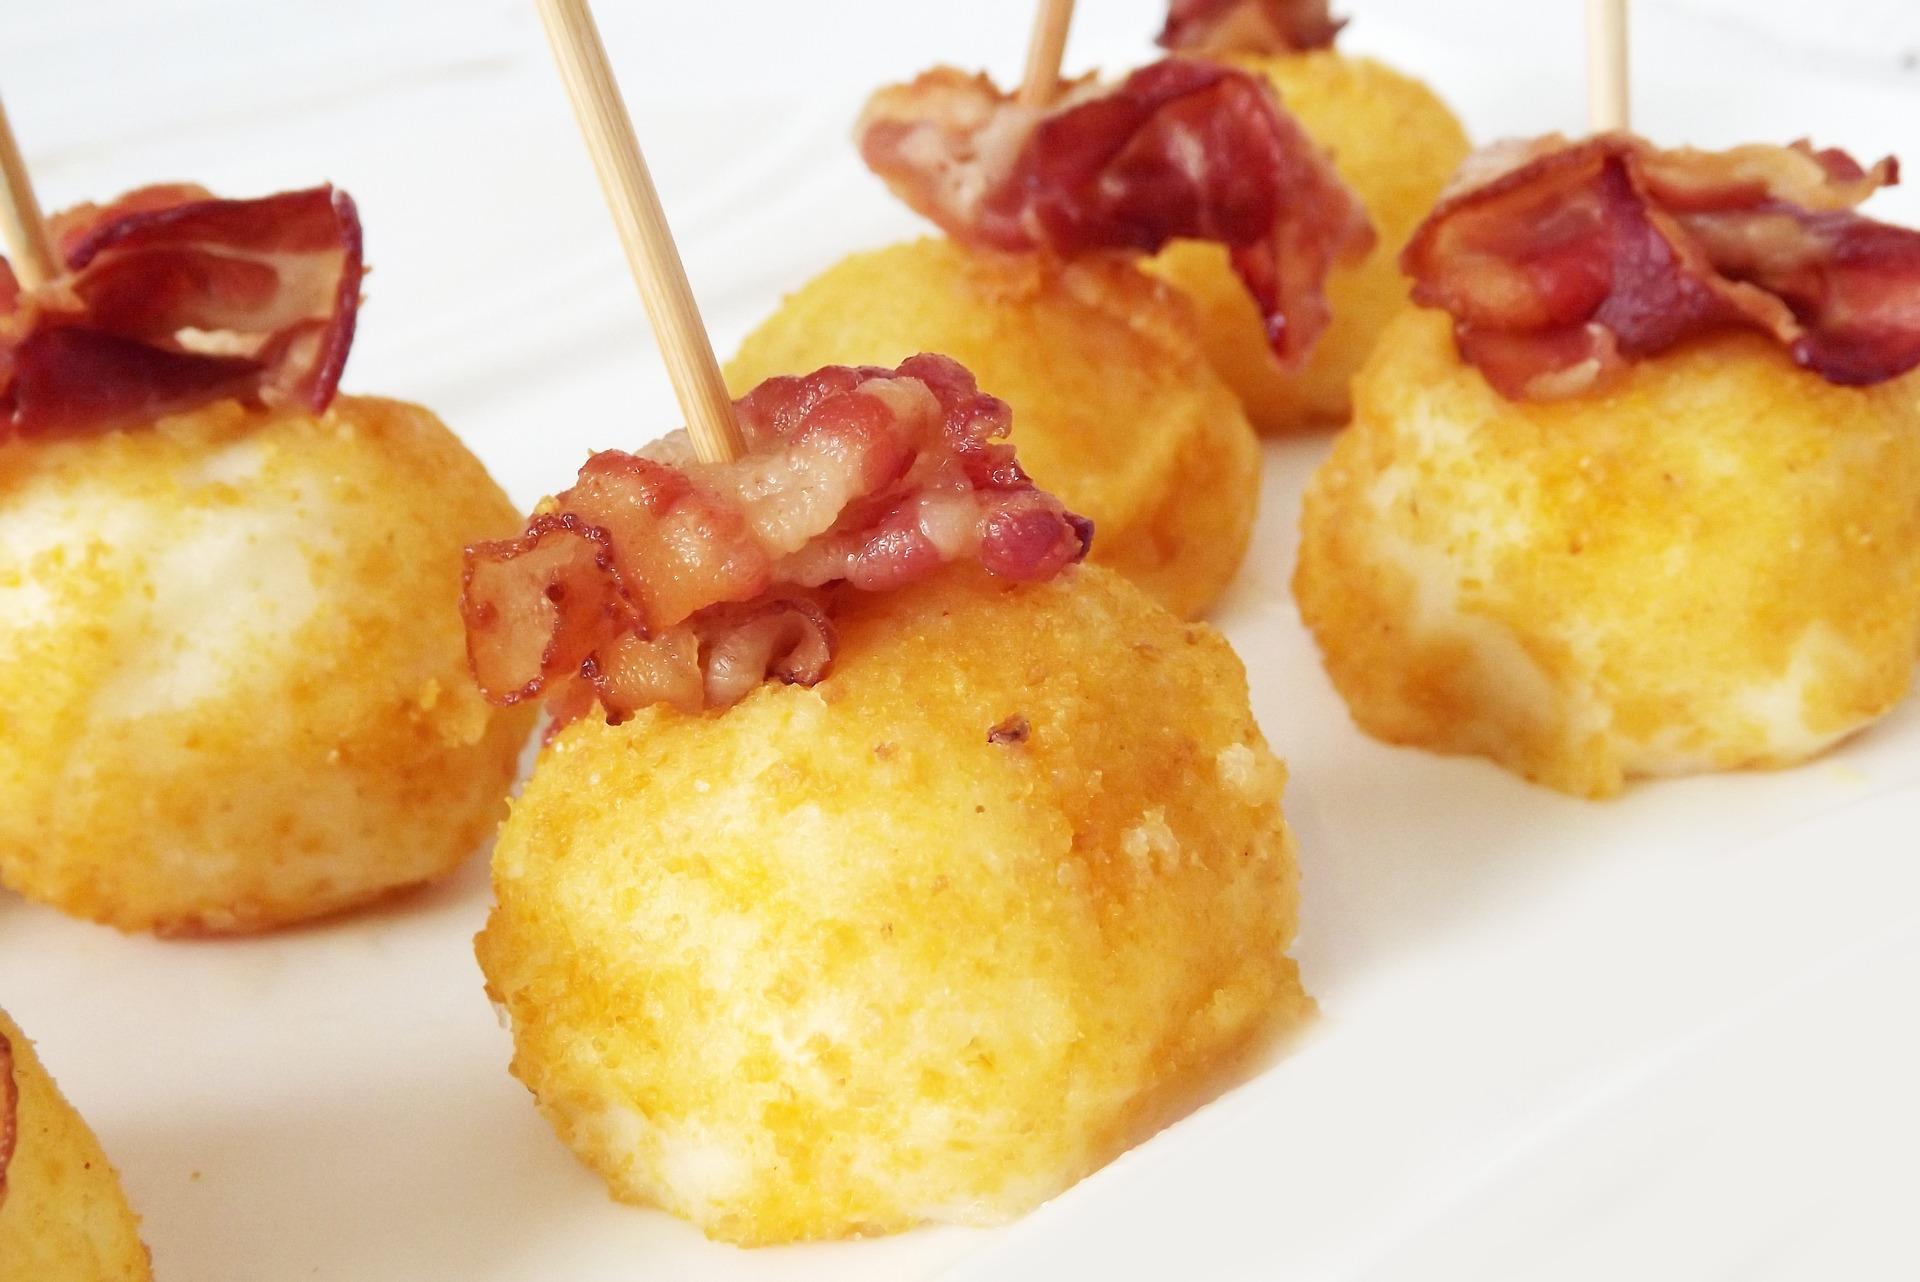 polpette di patate e wurstel al forno